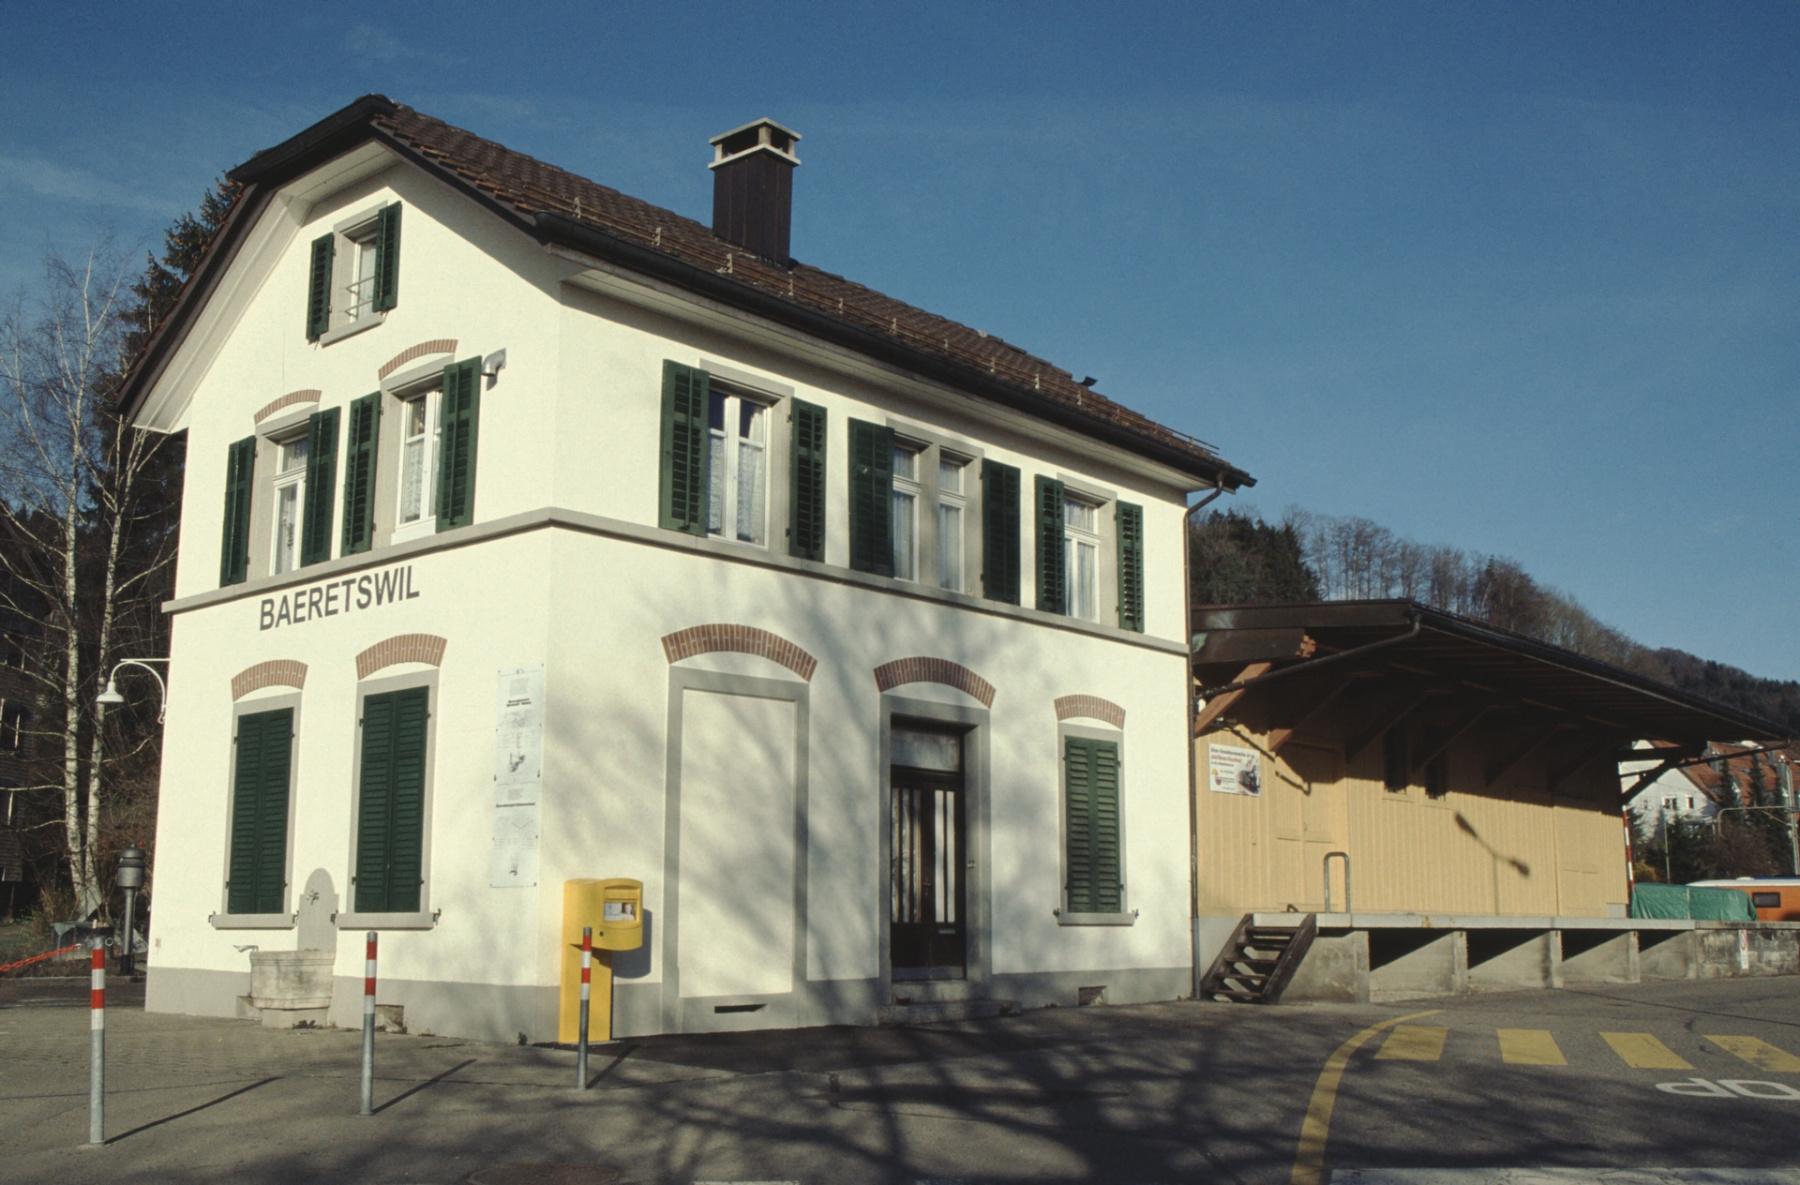 Bahnhof, ohne Billettautomat